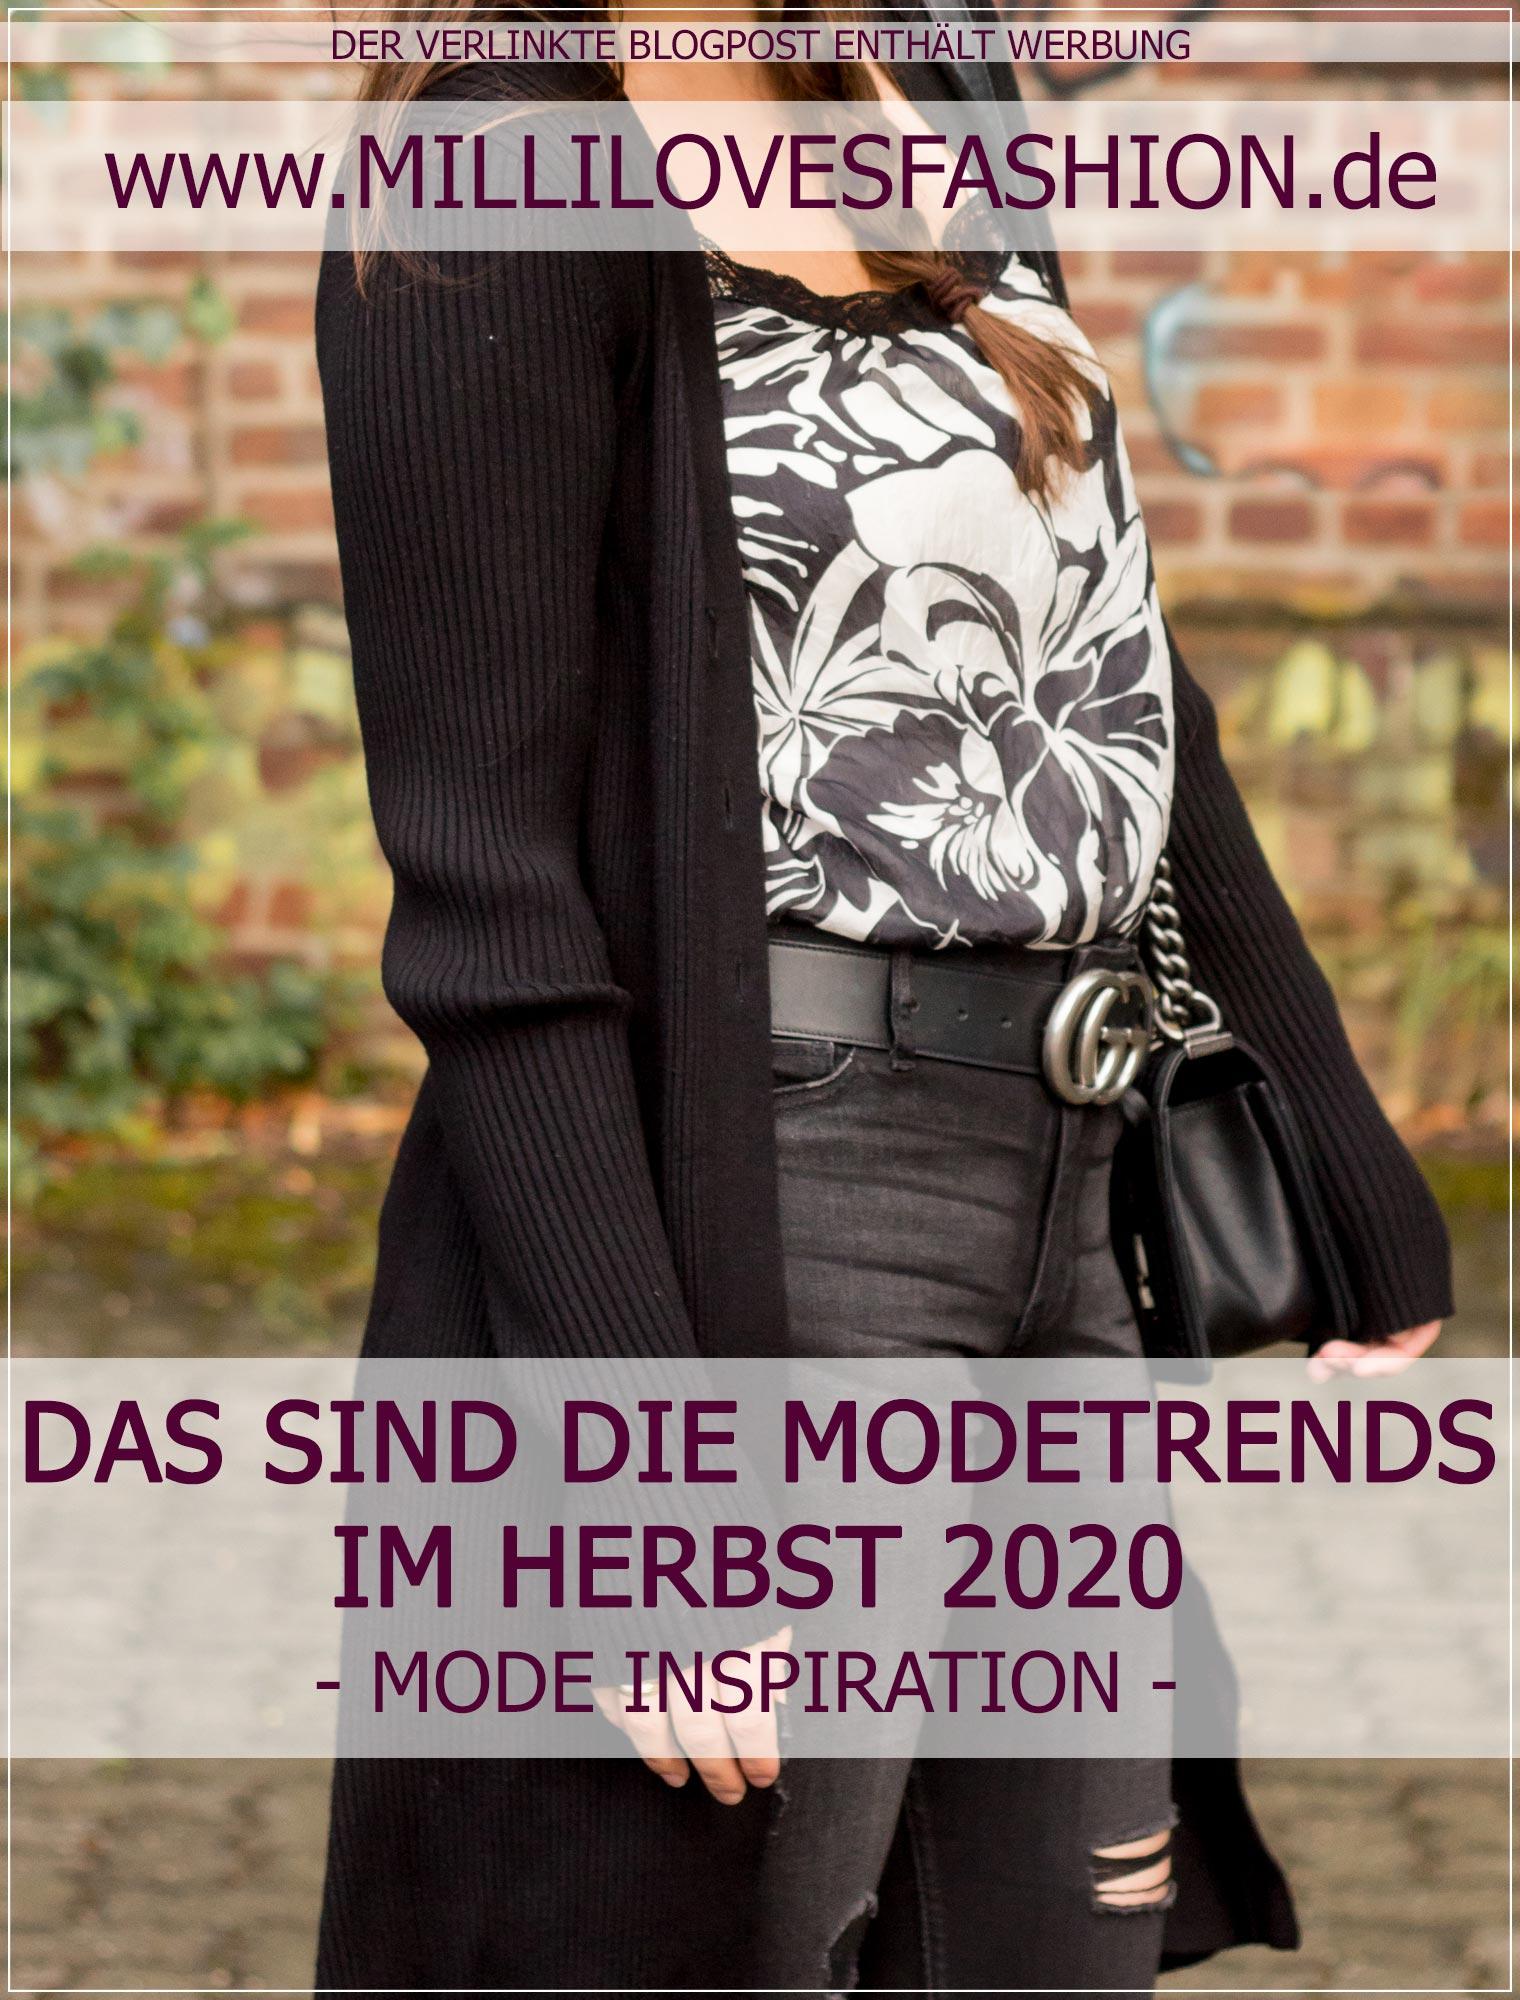 Die Modetrends im Herbst 2020